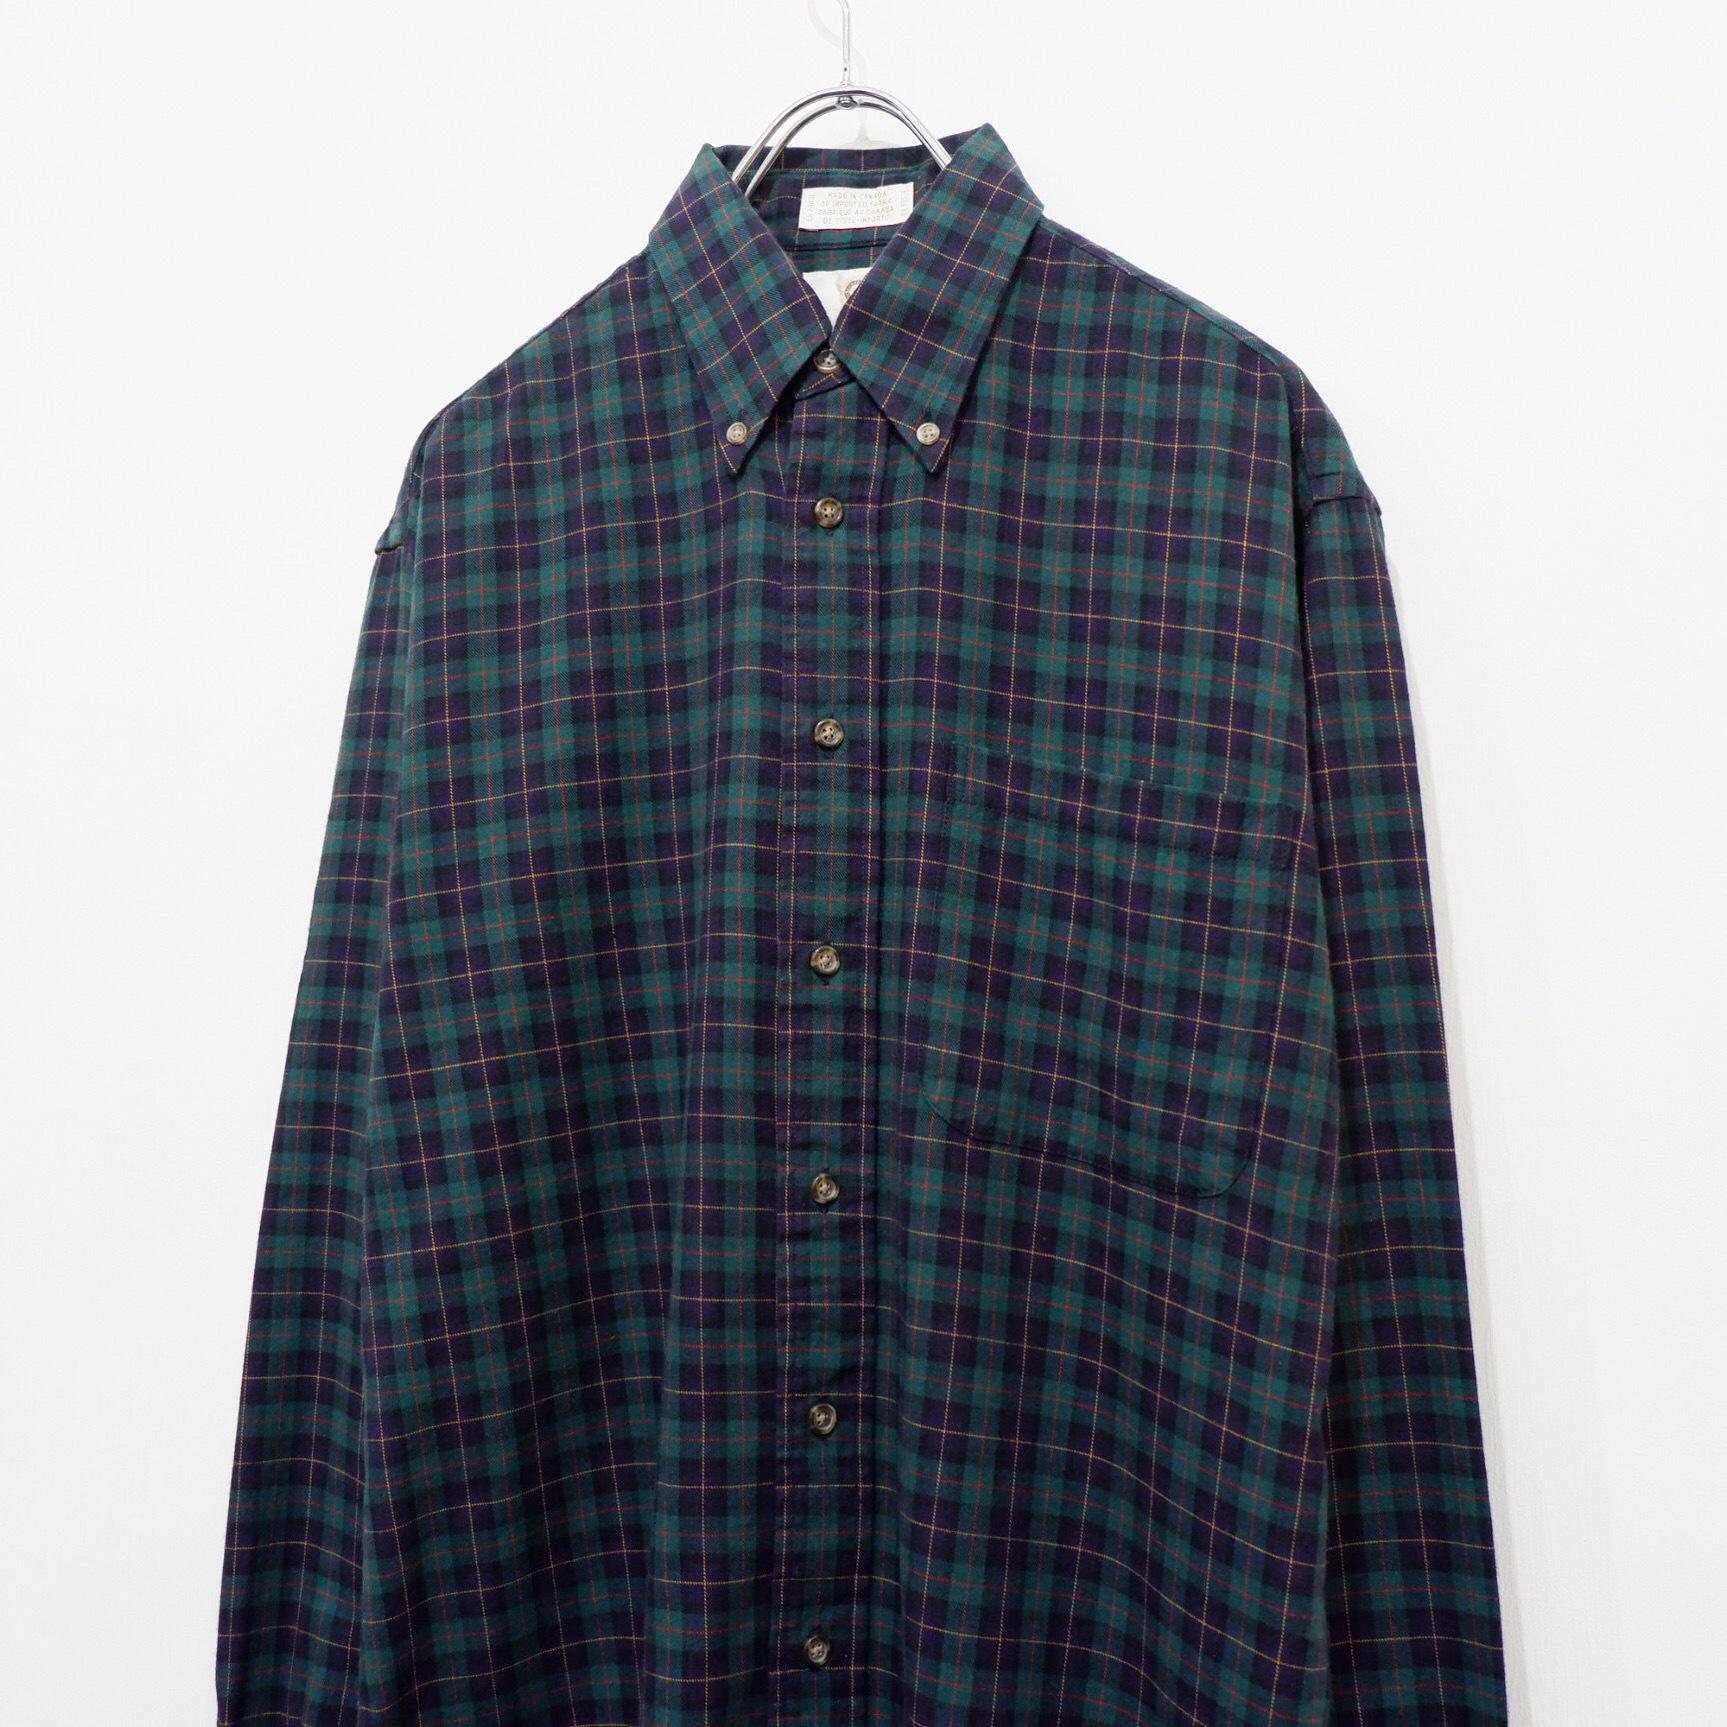 アメリカ古着 Canada製 チェックシャツ